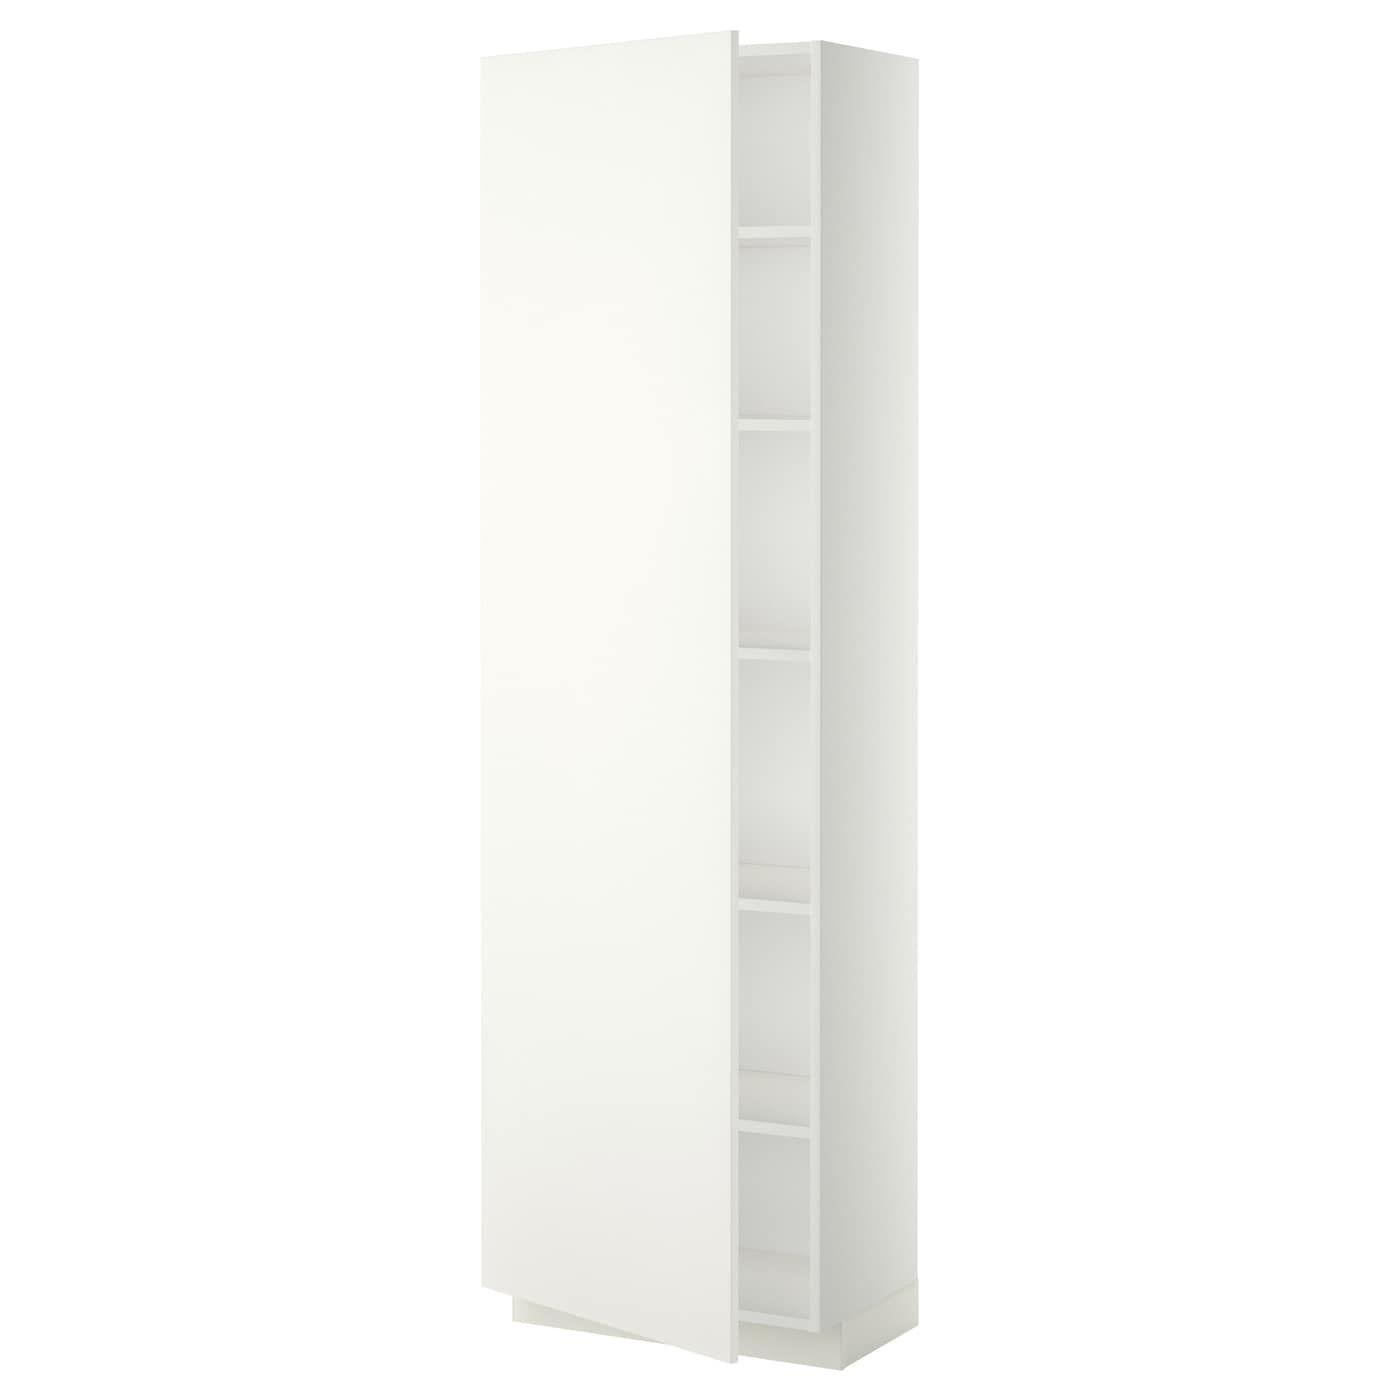 Ikea Metod Hochschrank Mit Einlegeboden Weiss Haggeby Weiss Mit Versetzbarem Boden Der Abstand Dazwischen Kann Dem Bedarf Angepasst Hochschrank Ikea Dubel